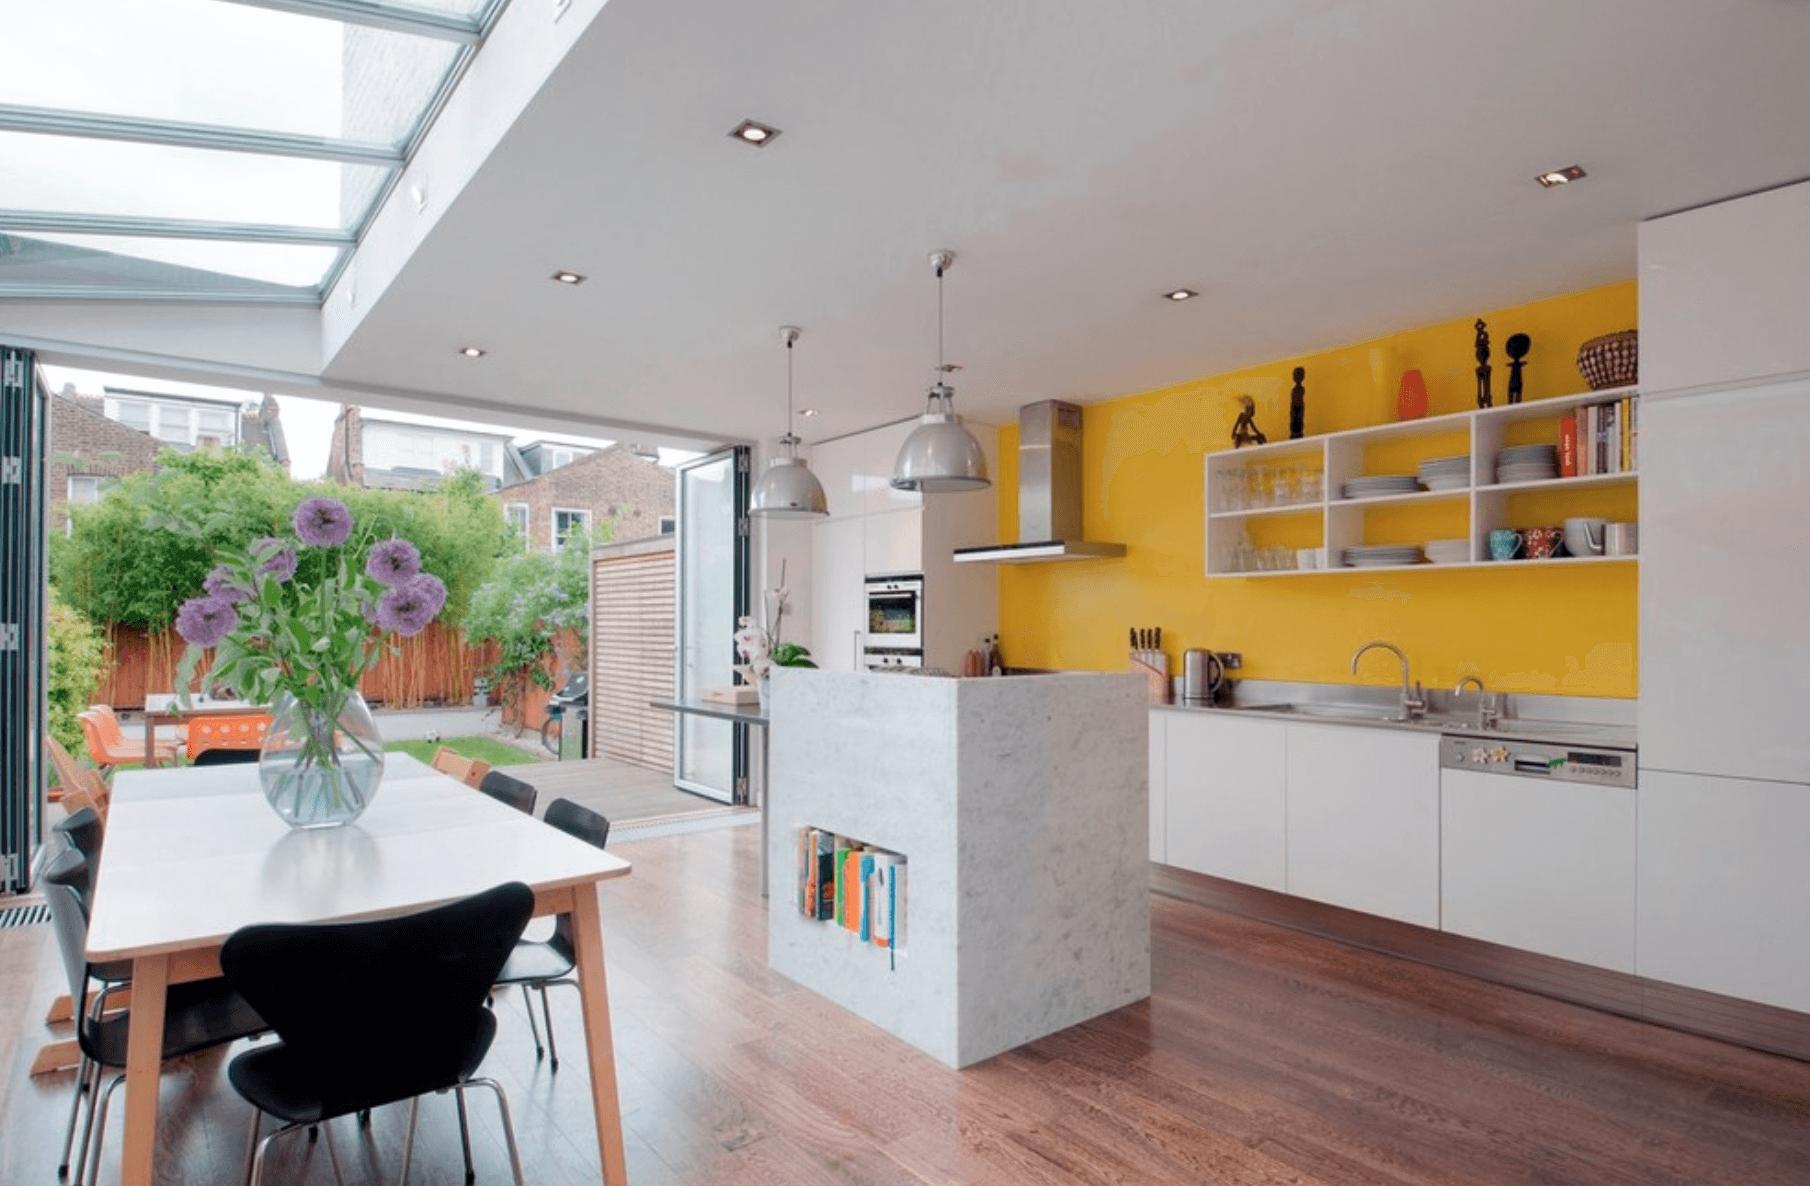 Colore Pareti Cucina Gialla : Colore pareti cucina